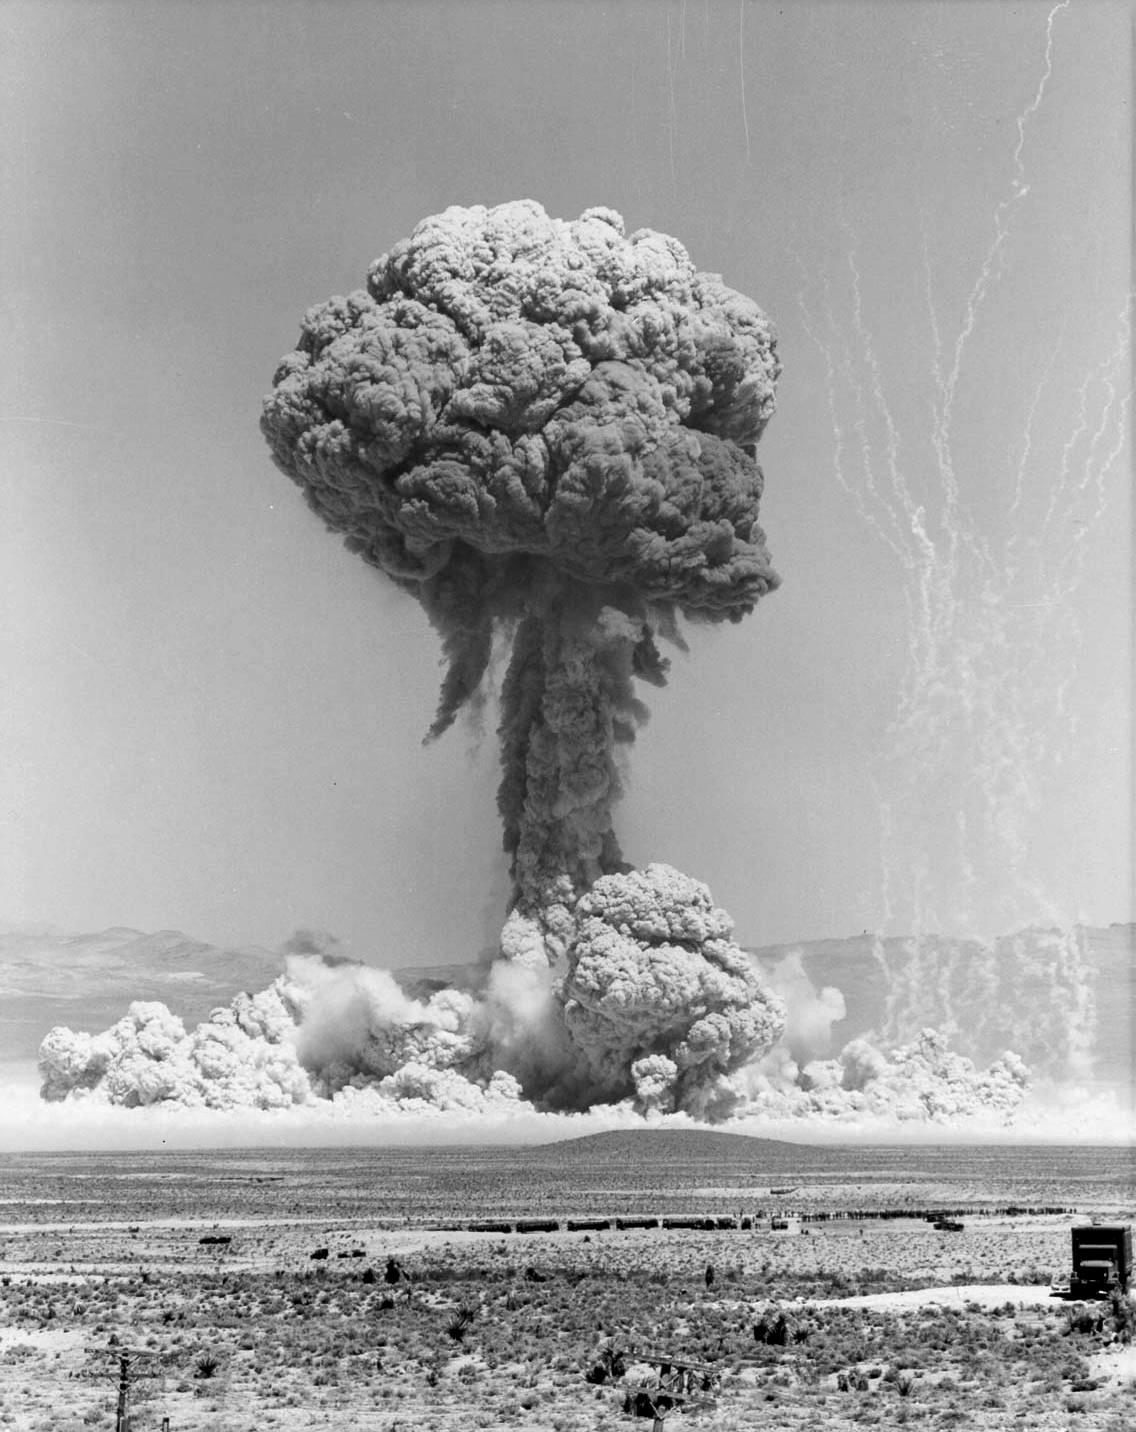 http://4.bp.blogspot.com/_H7CY0W2Ac5o/TDxlsPcJg8I/AAAAAAAABrk/Rlo0cY8xGx8/s1600/atomic-1.jpg